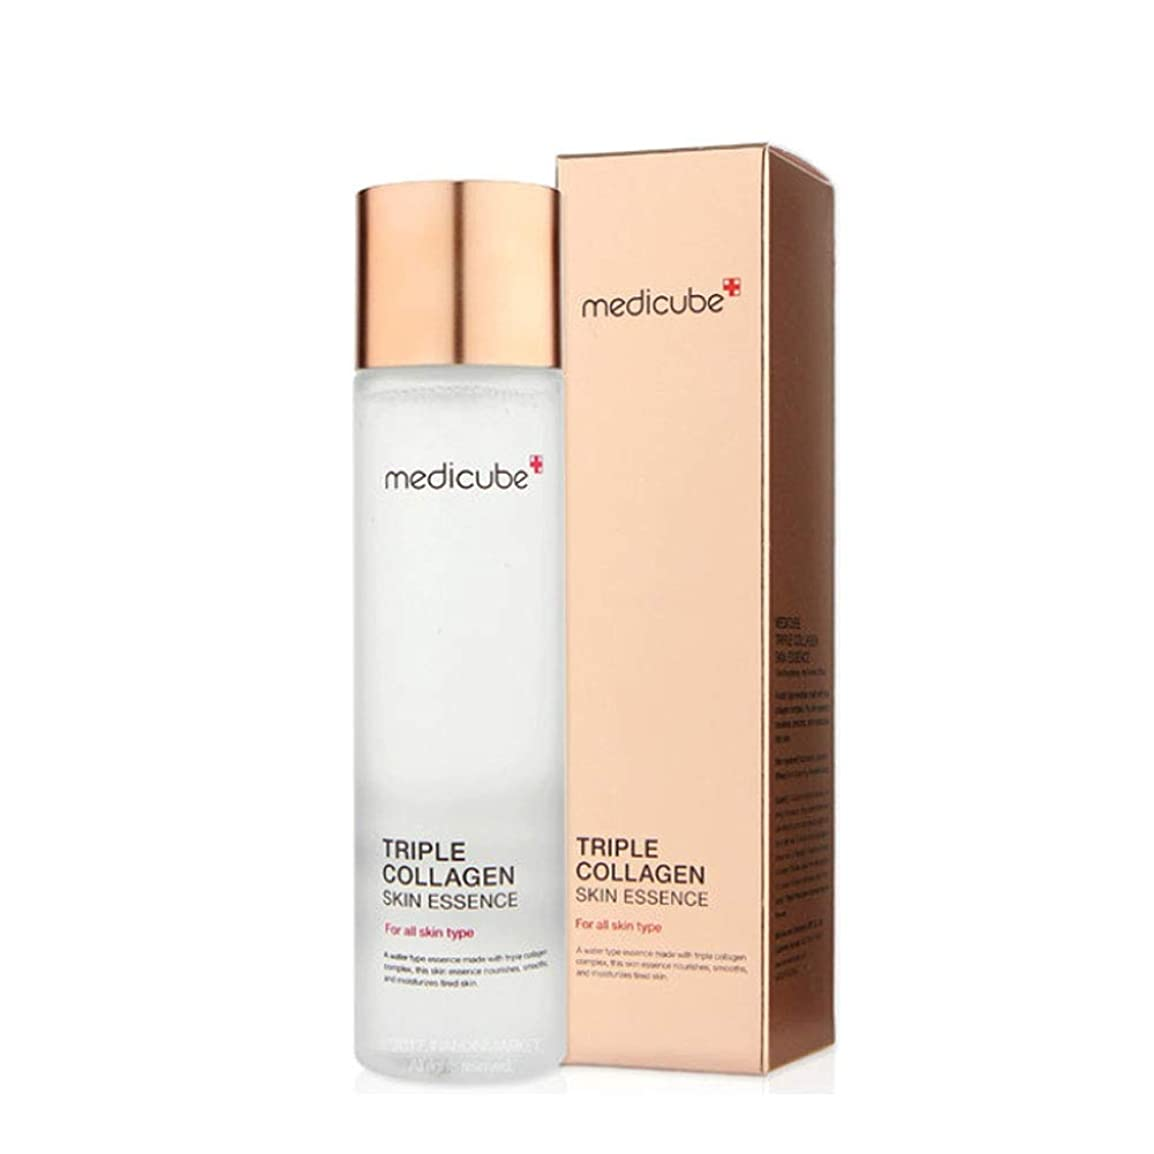 肥沃なもし喜びメディキューブトリプルコラーゲンスキンエッセンス140ml 韓国コスメ、Medicube Triple Collagen Skin Essence 140ml Korean Cosmetics [並行輸入品]